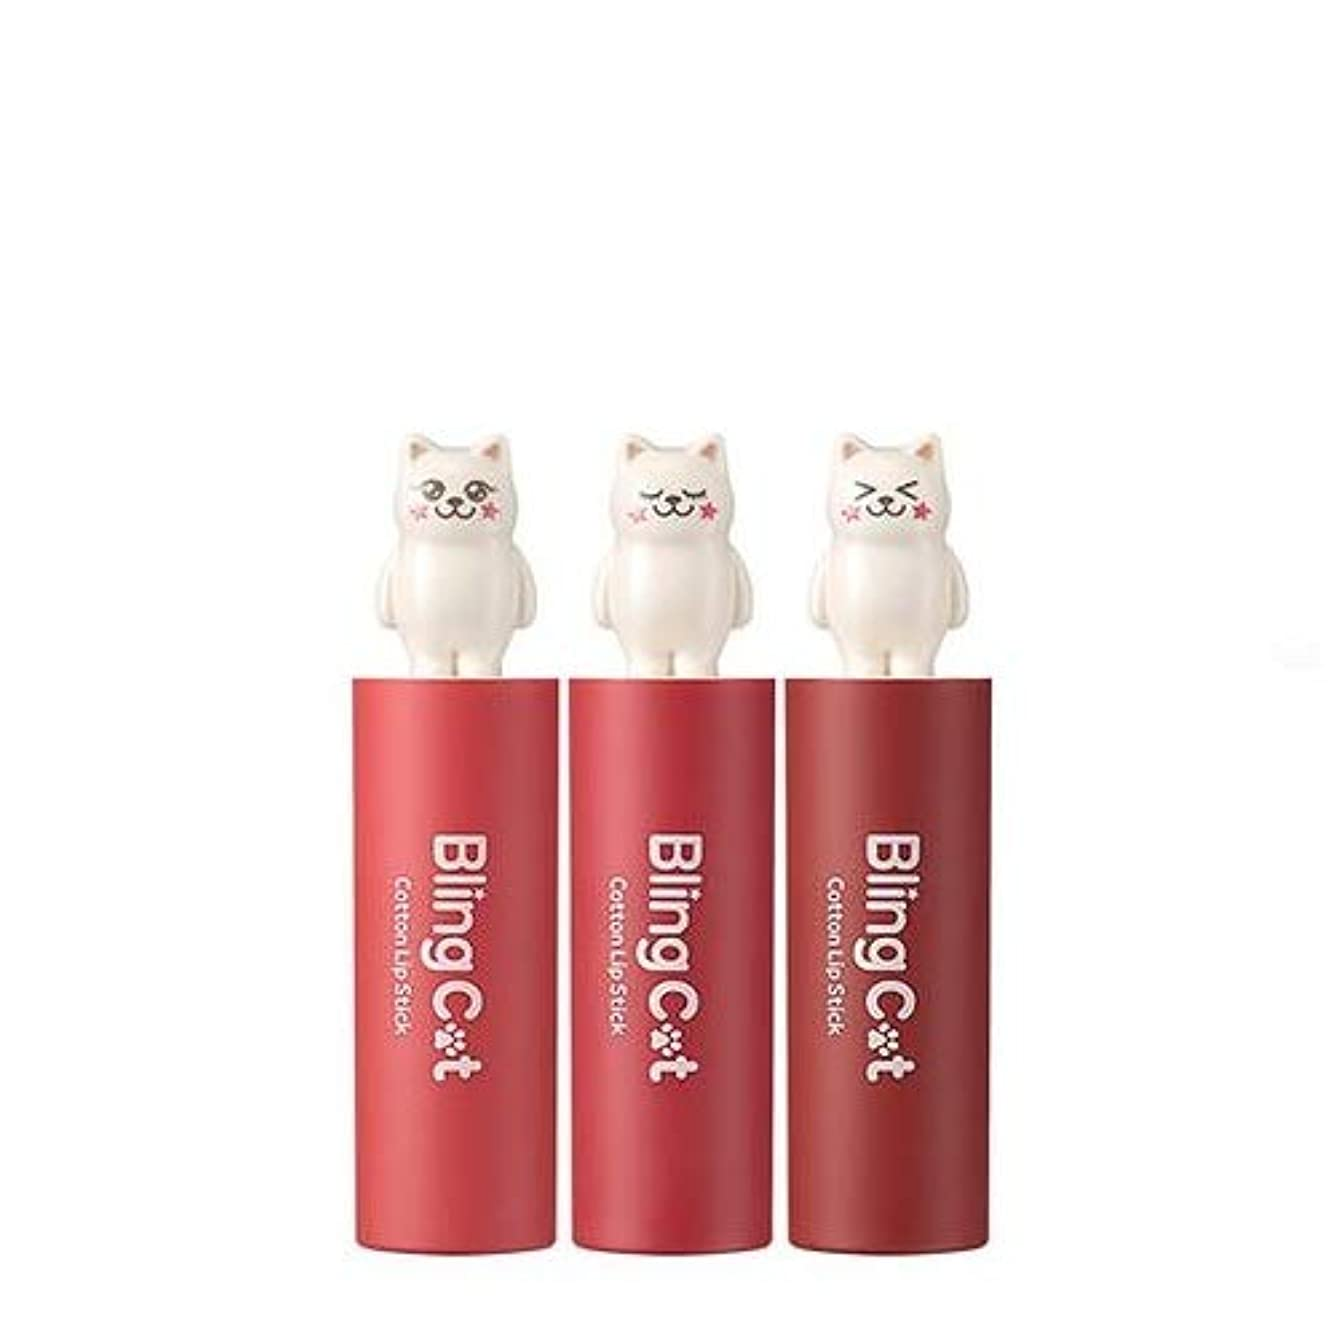 オールデクリメント推測トニーモリー ブリングキャット コットン リップスティック 3.4g / TONYMOLY Bling Cat Cotton Lipstick # 05. Orange Drop [並行輸入品]